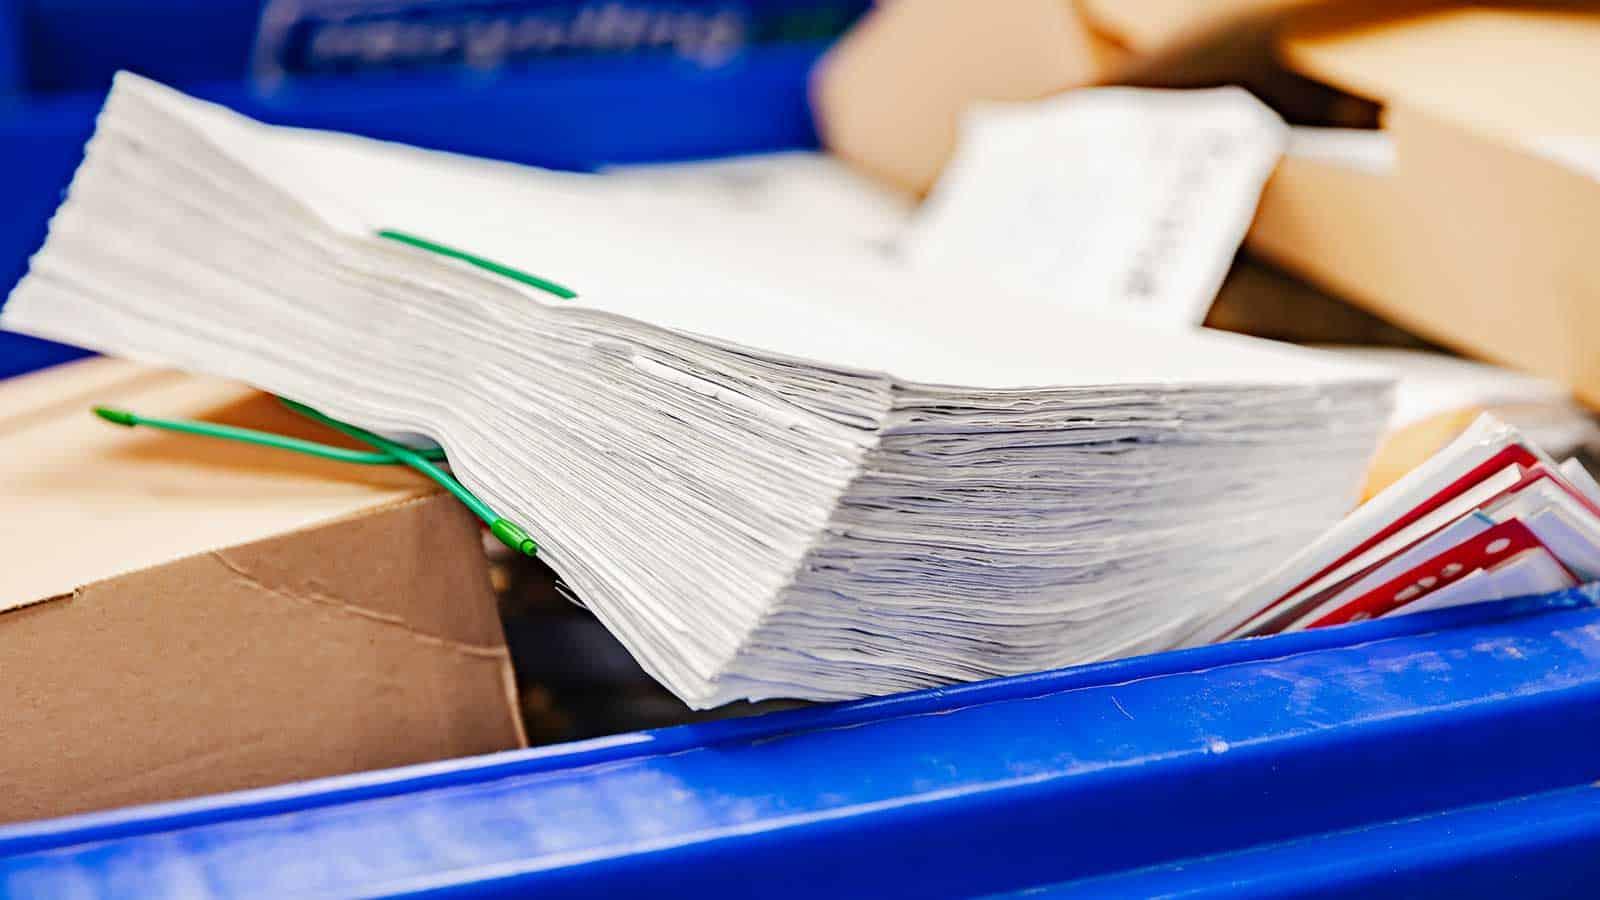 vertrouwelijk-papier-vernietigen-brantjes-header